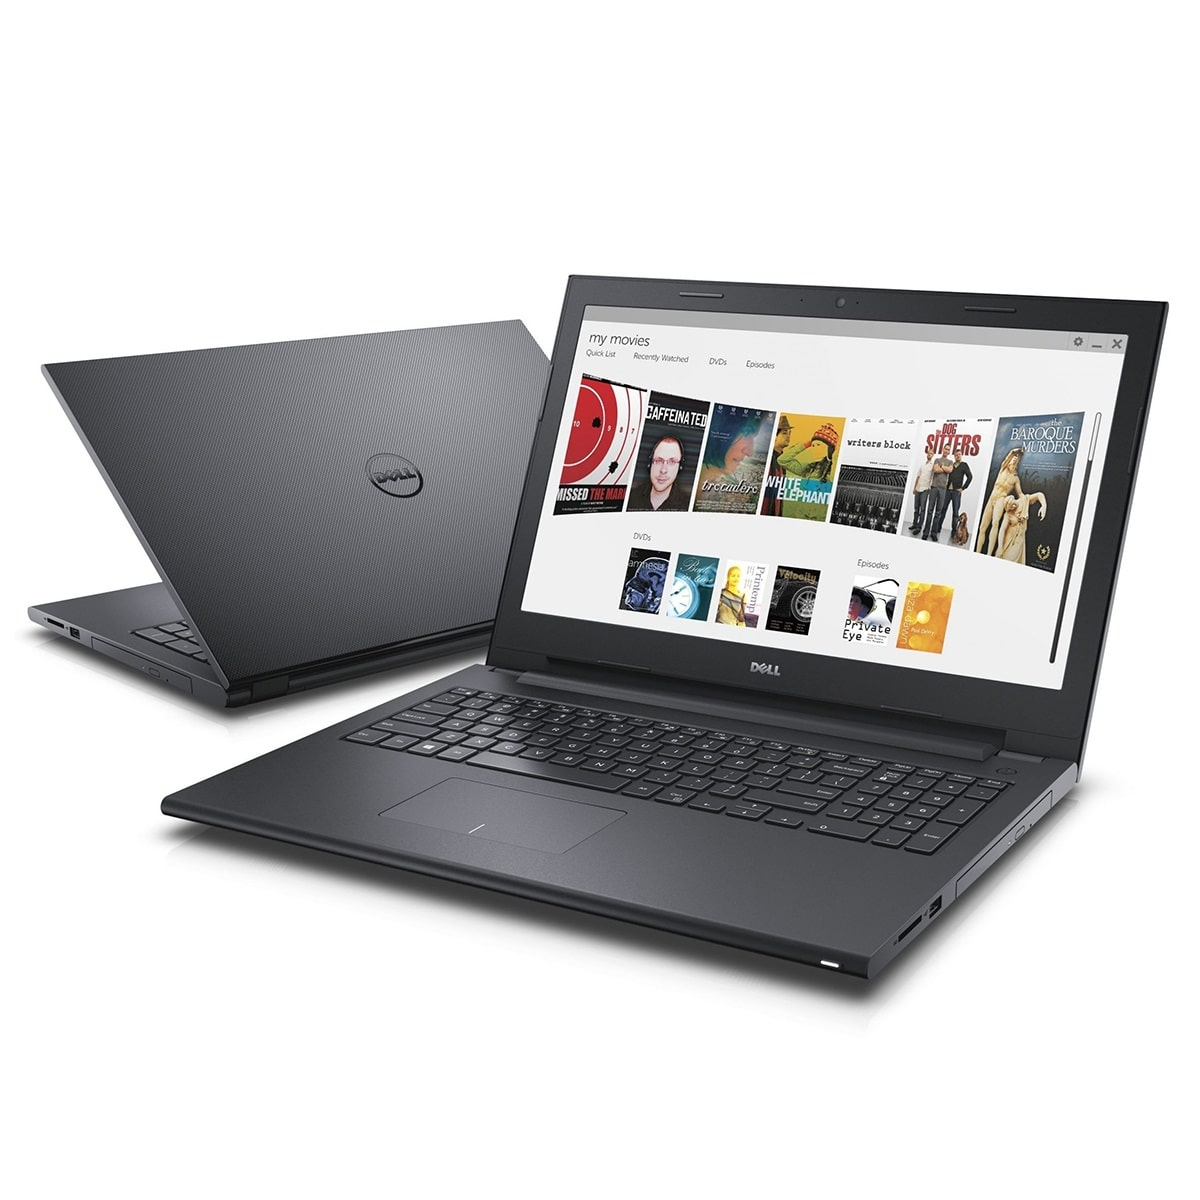 Dell Inspiron 3542 Core i5 4210U, Ram 4GB, SSD 128GB, 15.6 Inch, VGA NVIDIA 840M- 2G